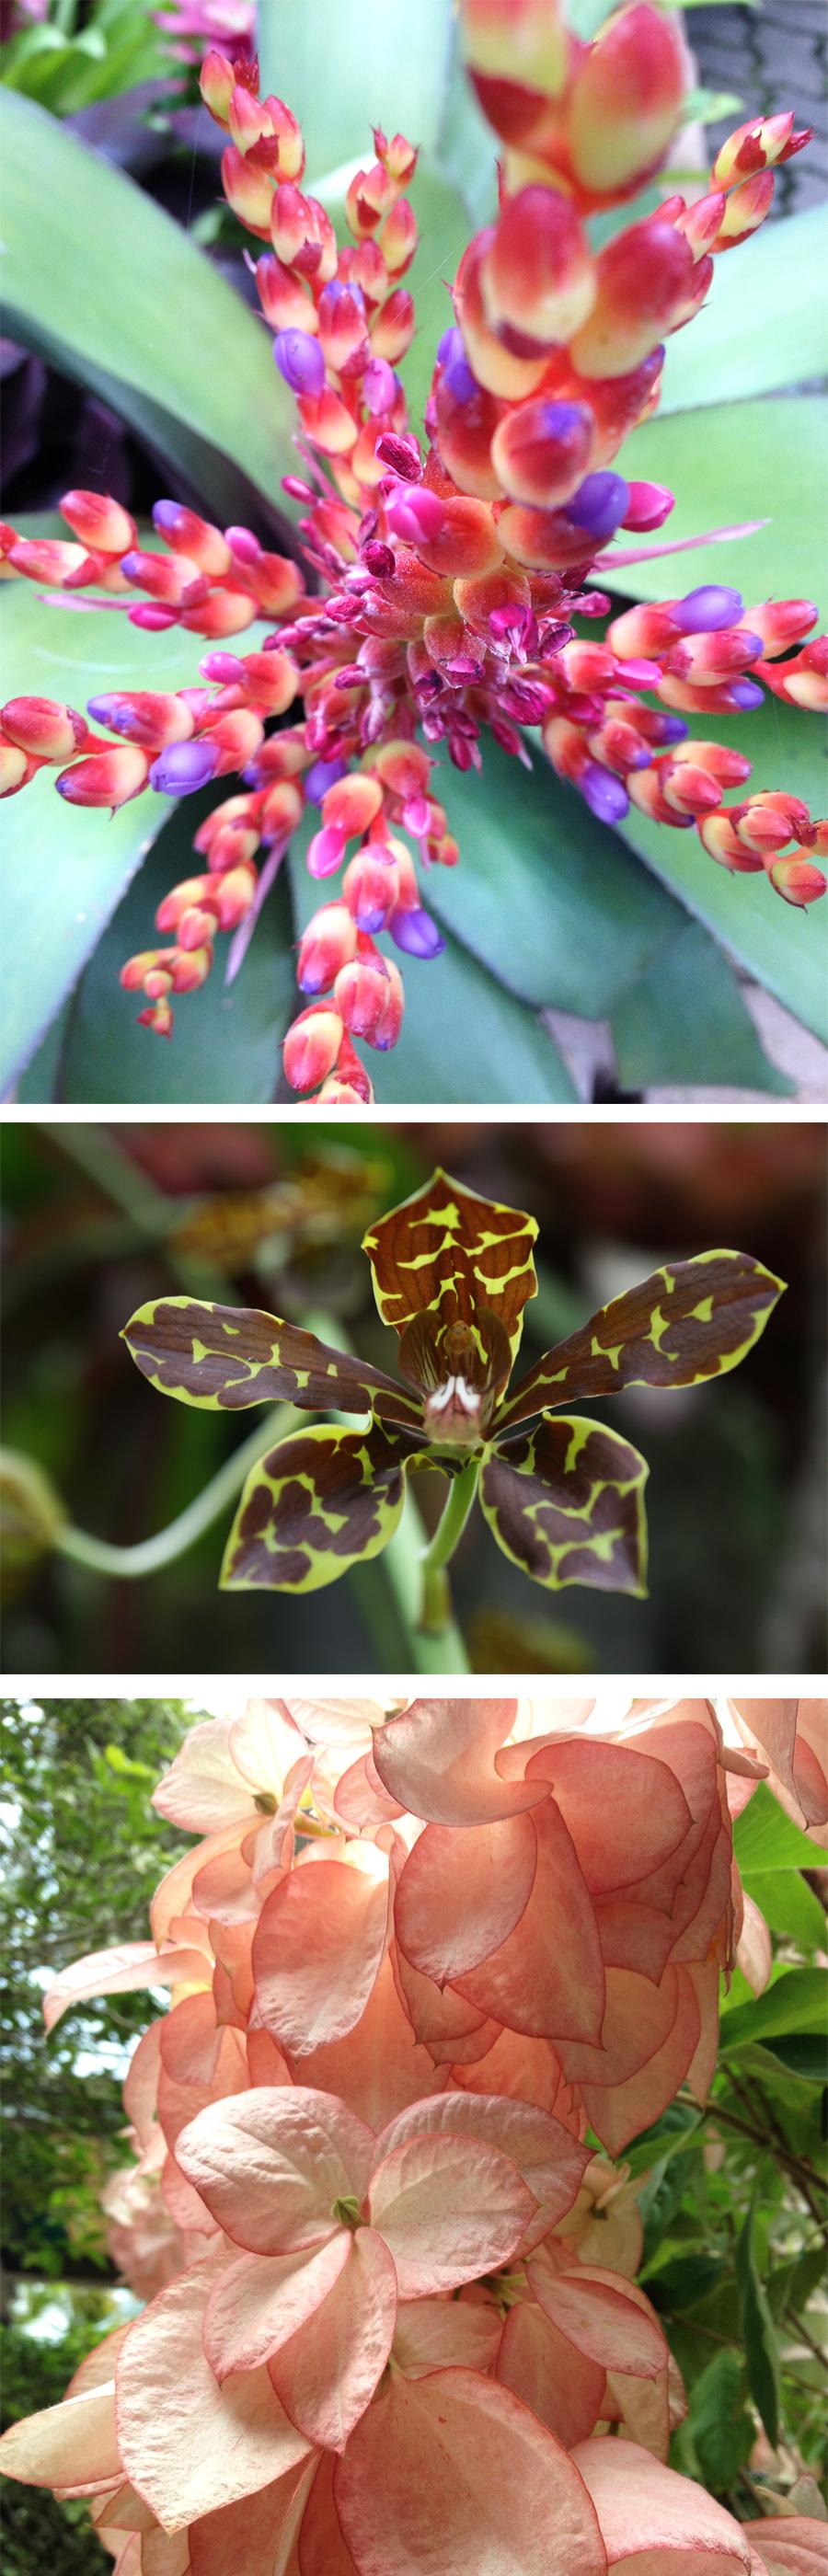 Nong Nooch Flowers 1